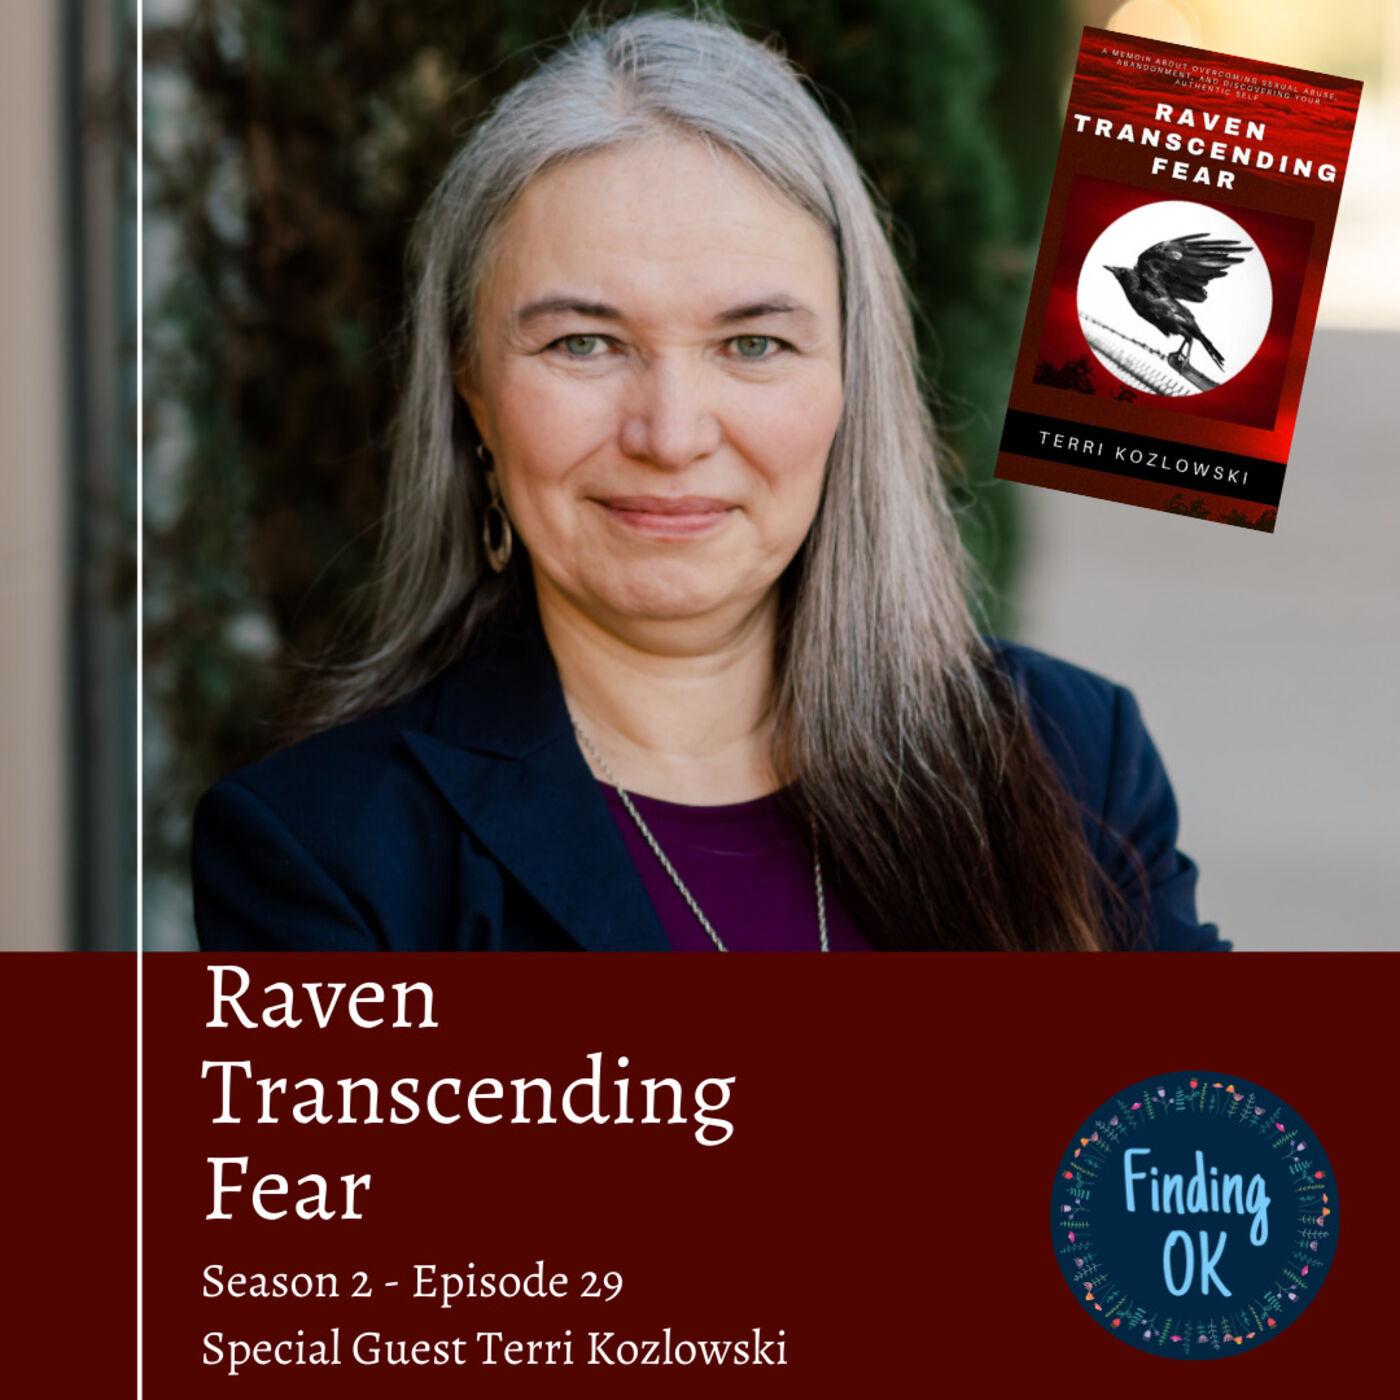 Raven Transcending Fear